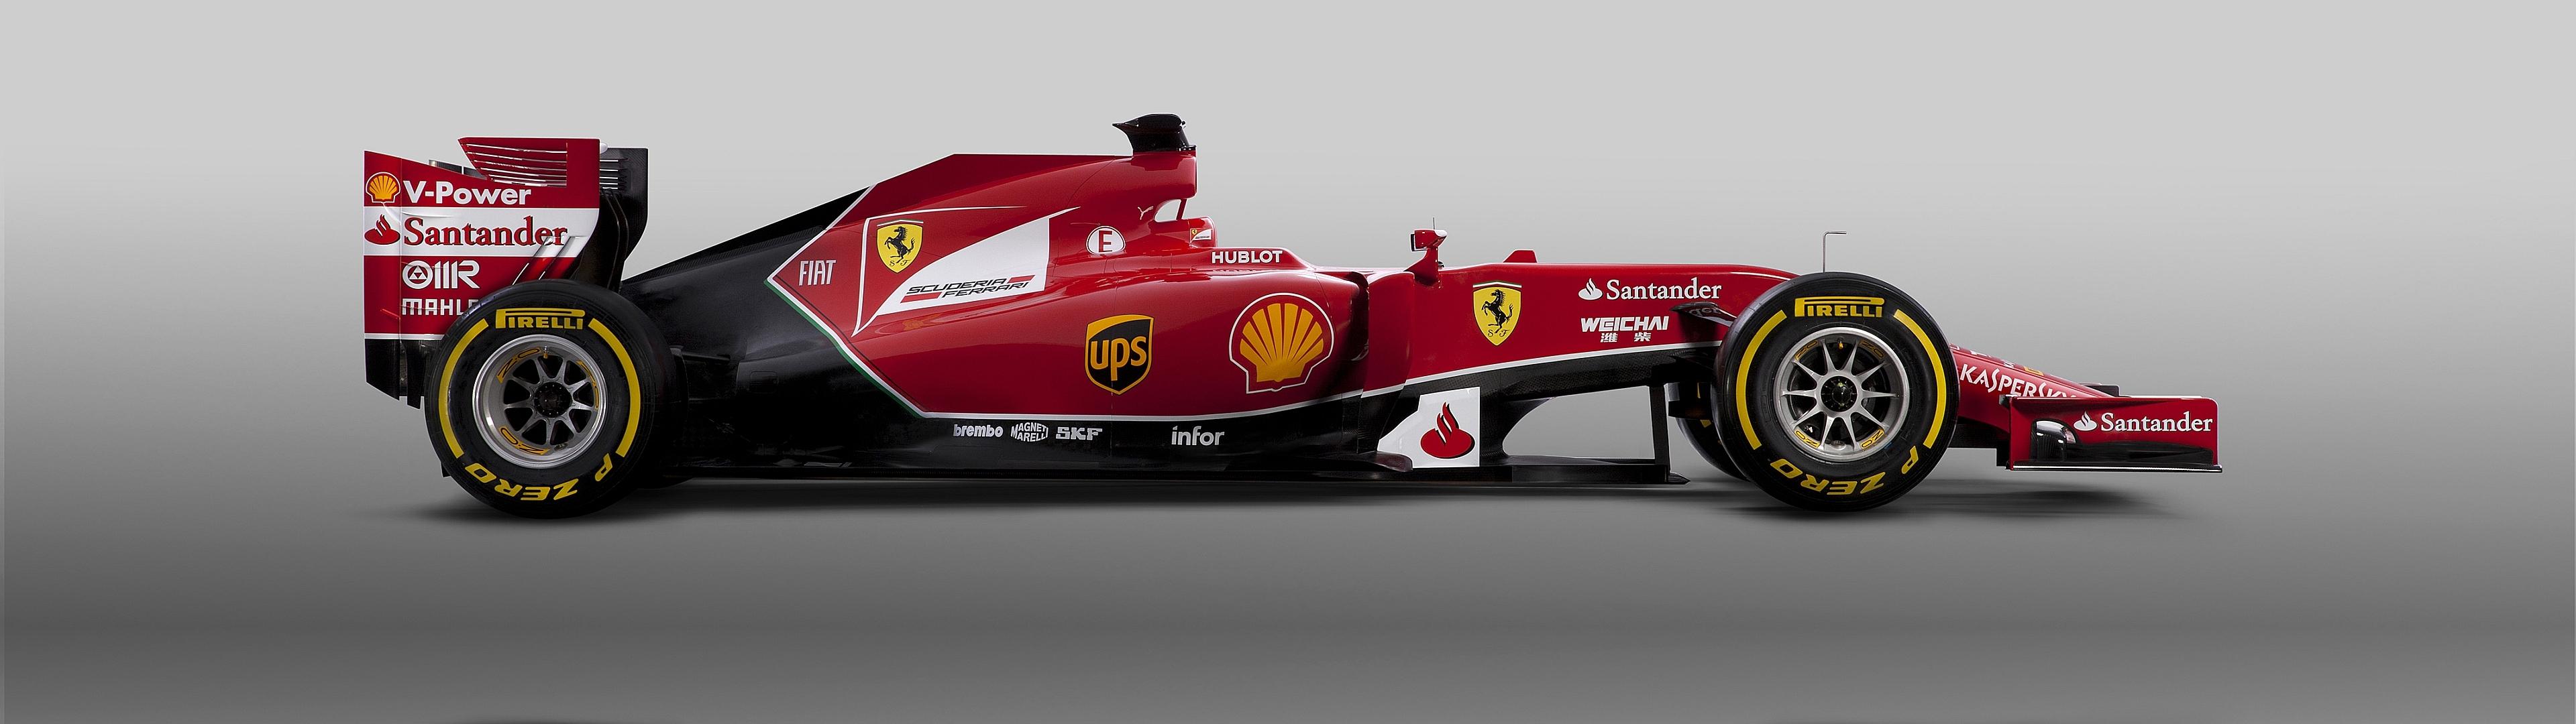 02-Ferrari-F14.jpg